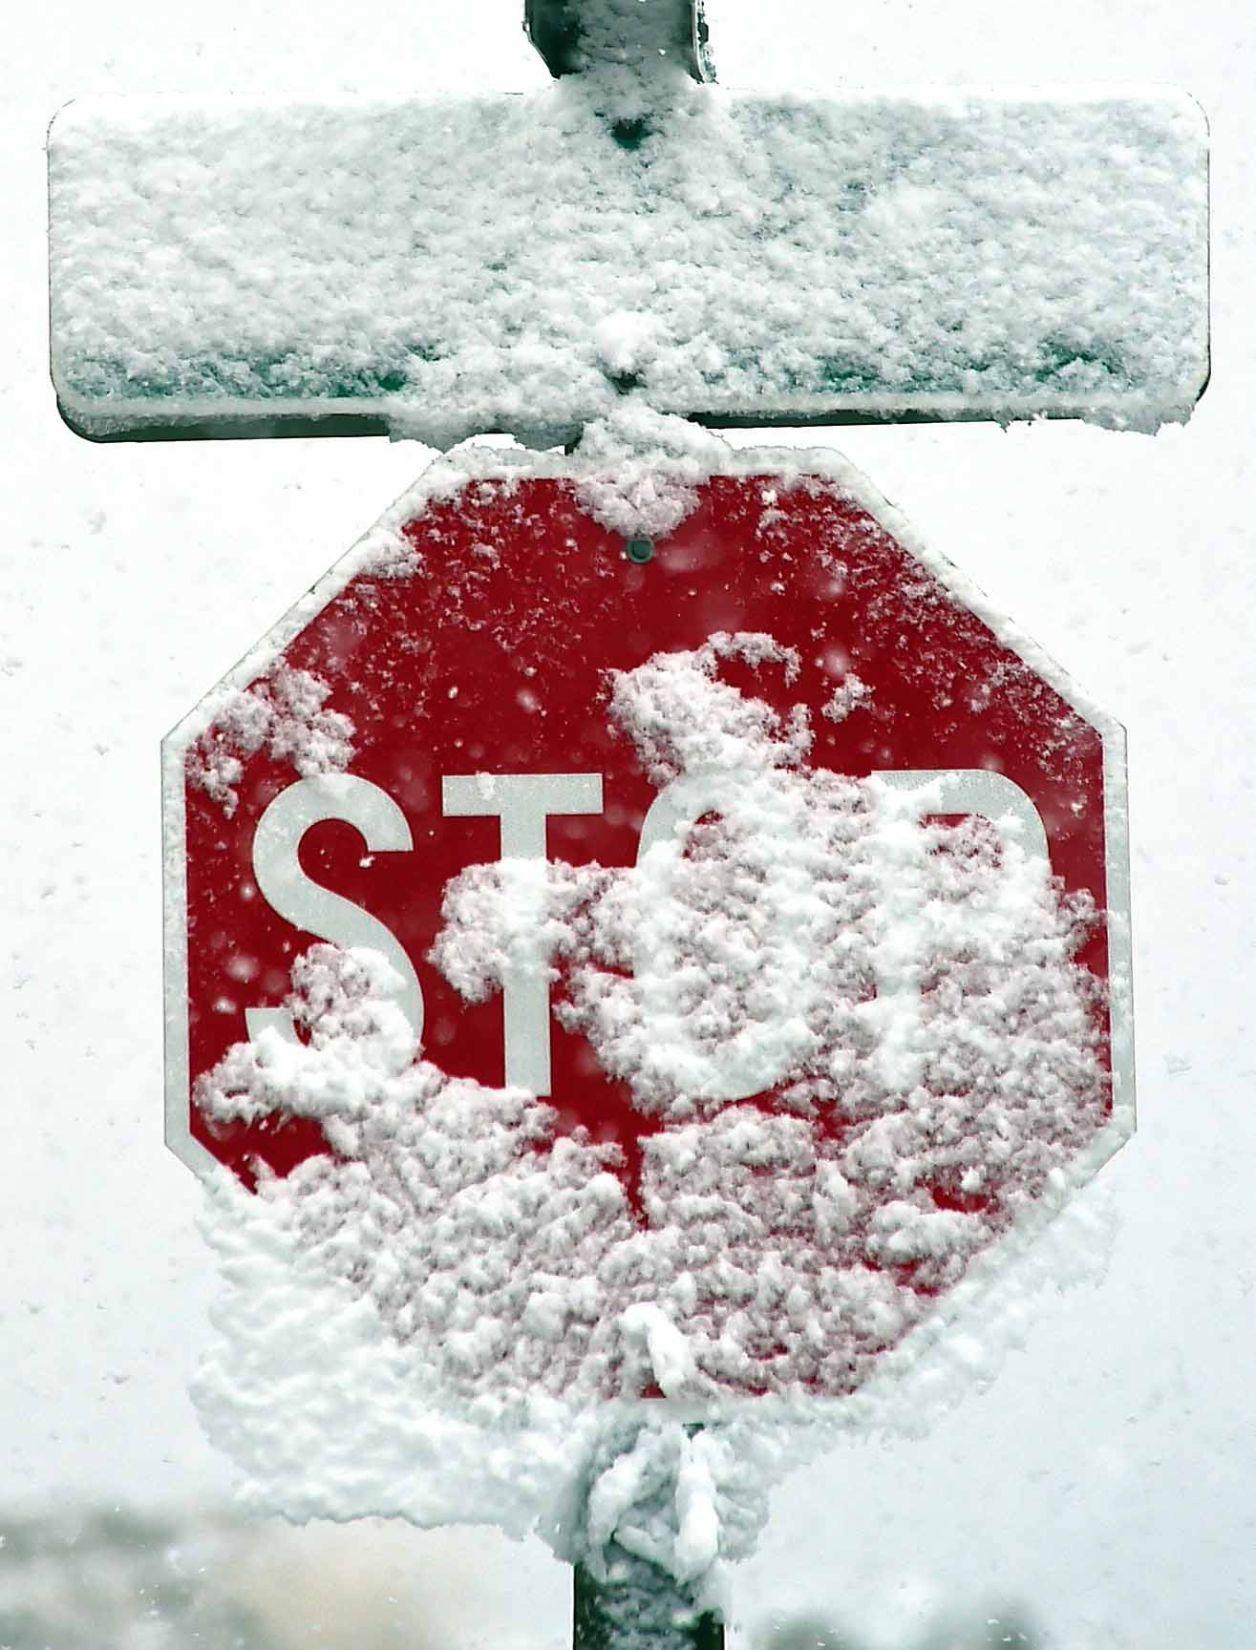 Billings (finally) breaks the snowfall record | Billings Gazette